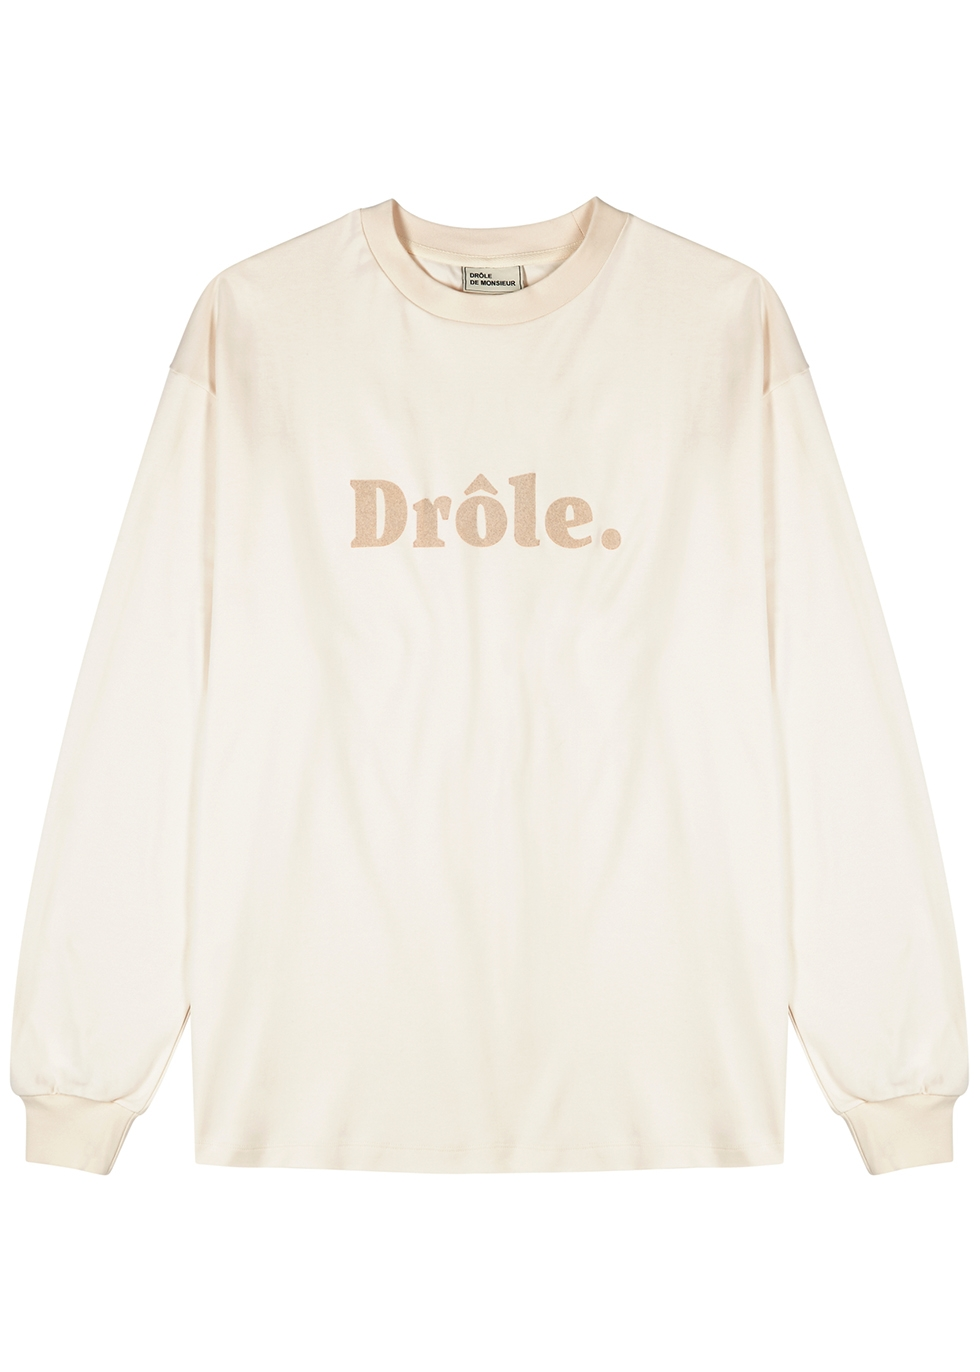 Off-white logo-flocked cotton top